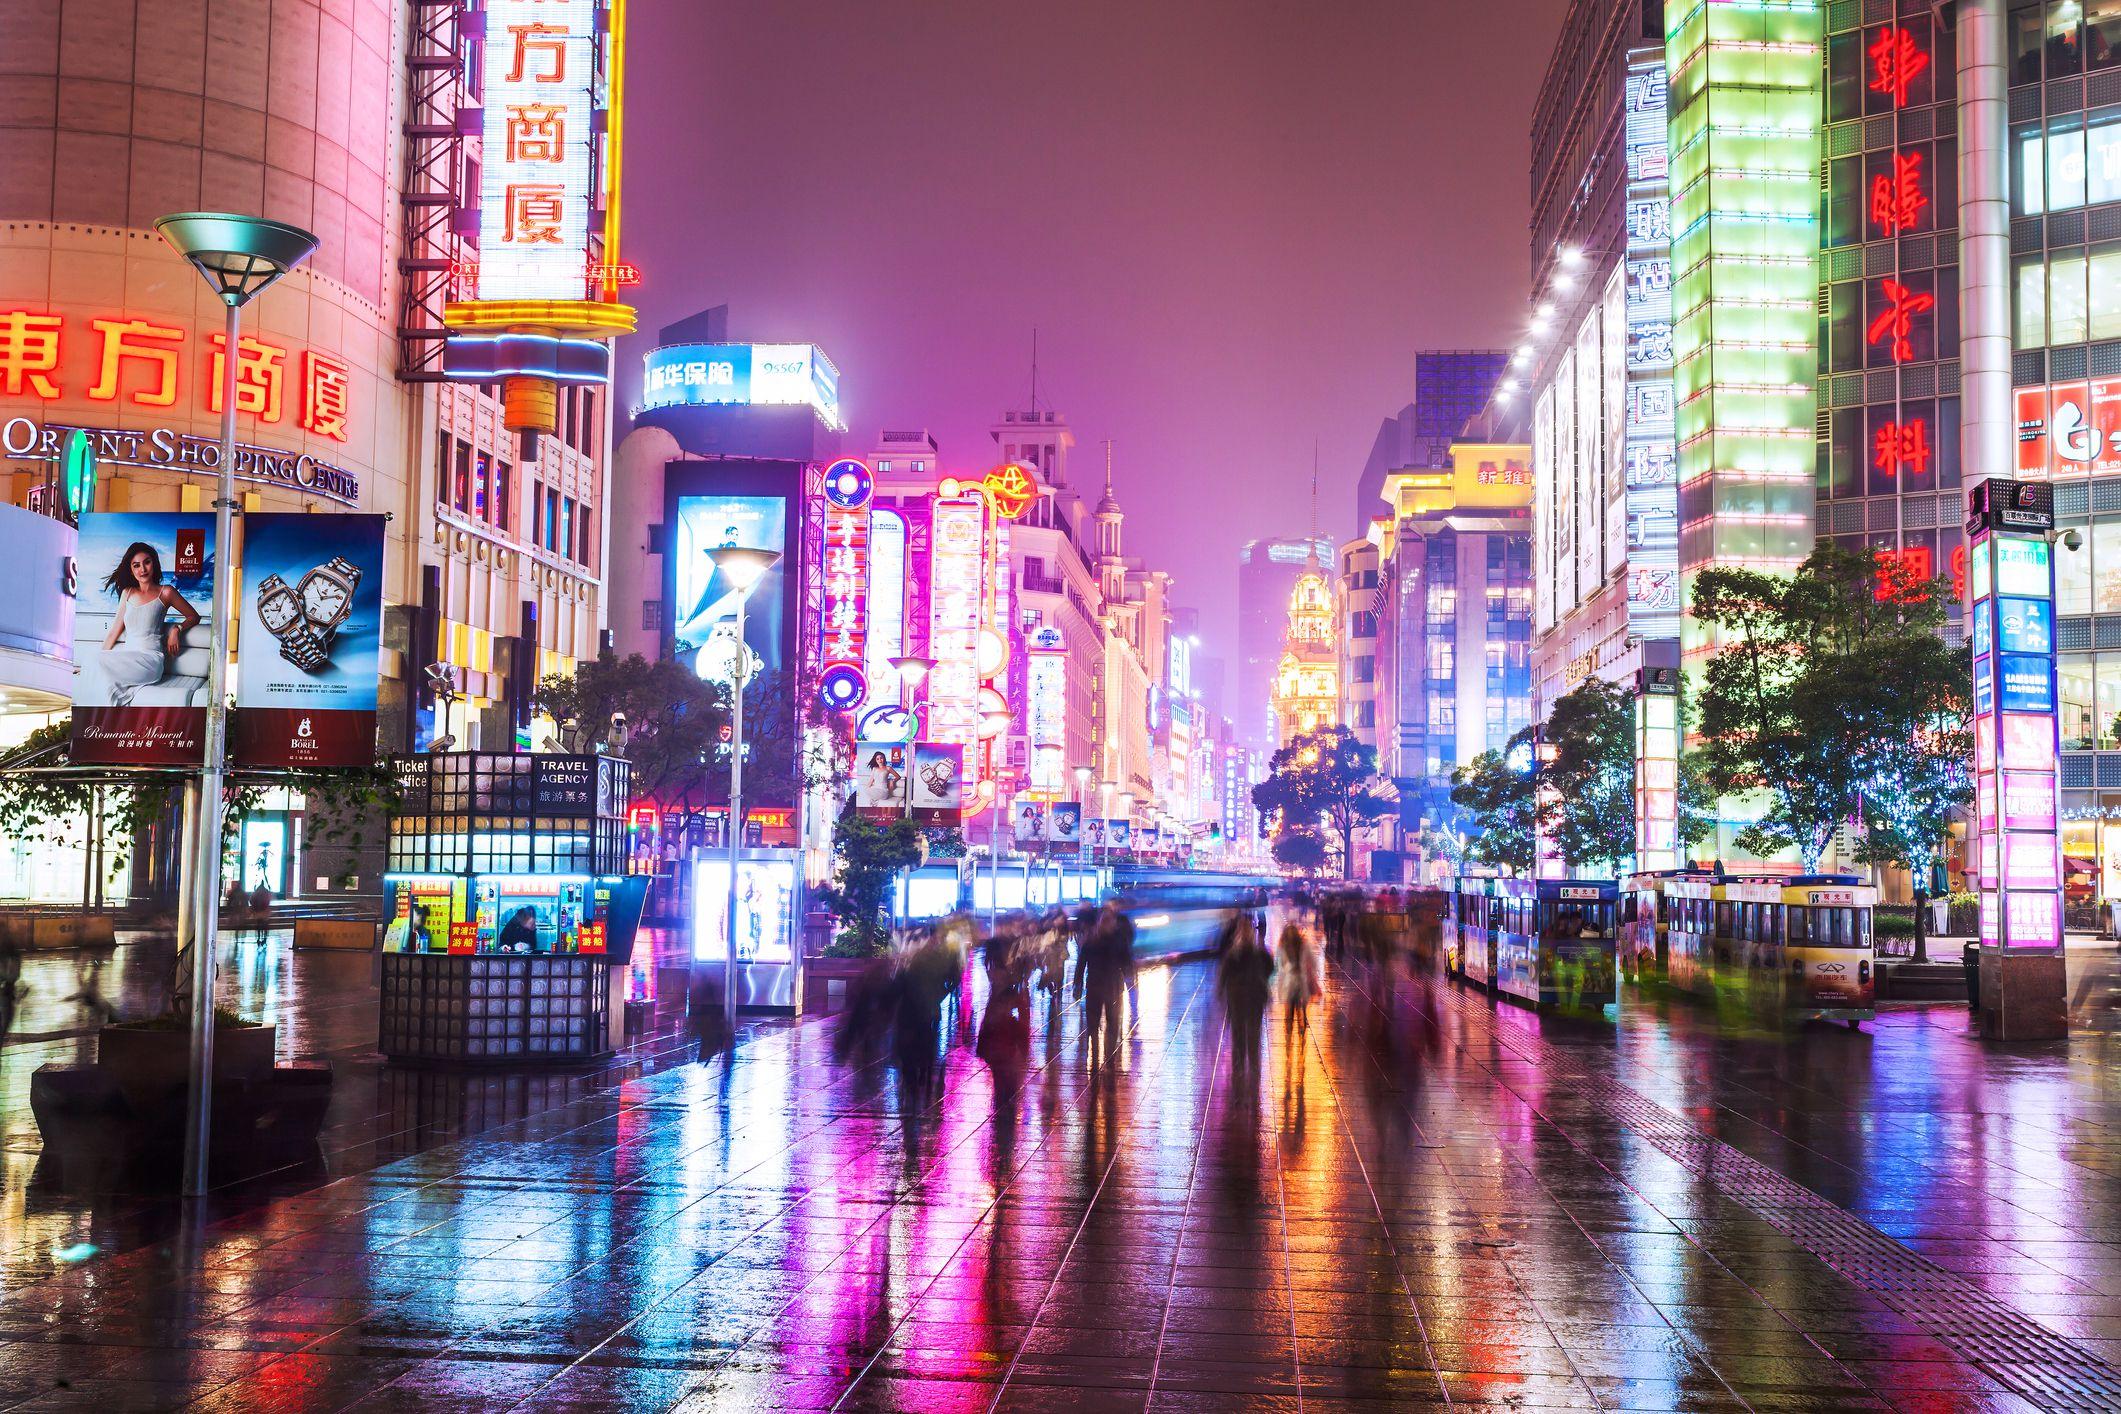 night scene of nanjing road in shanghai